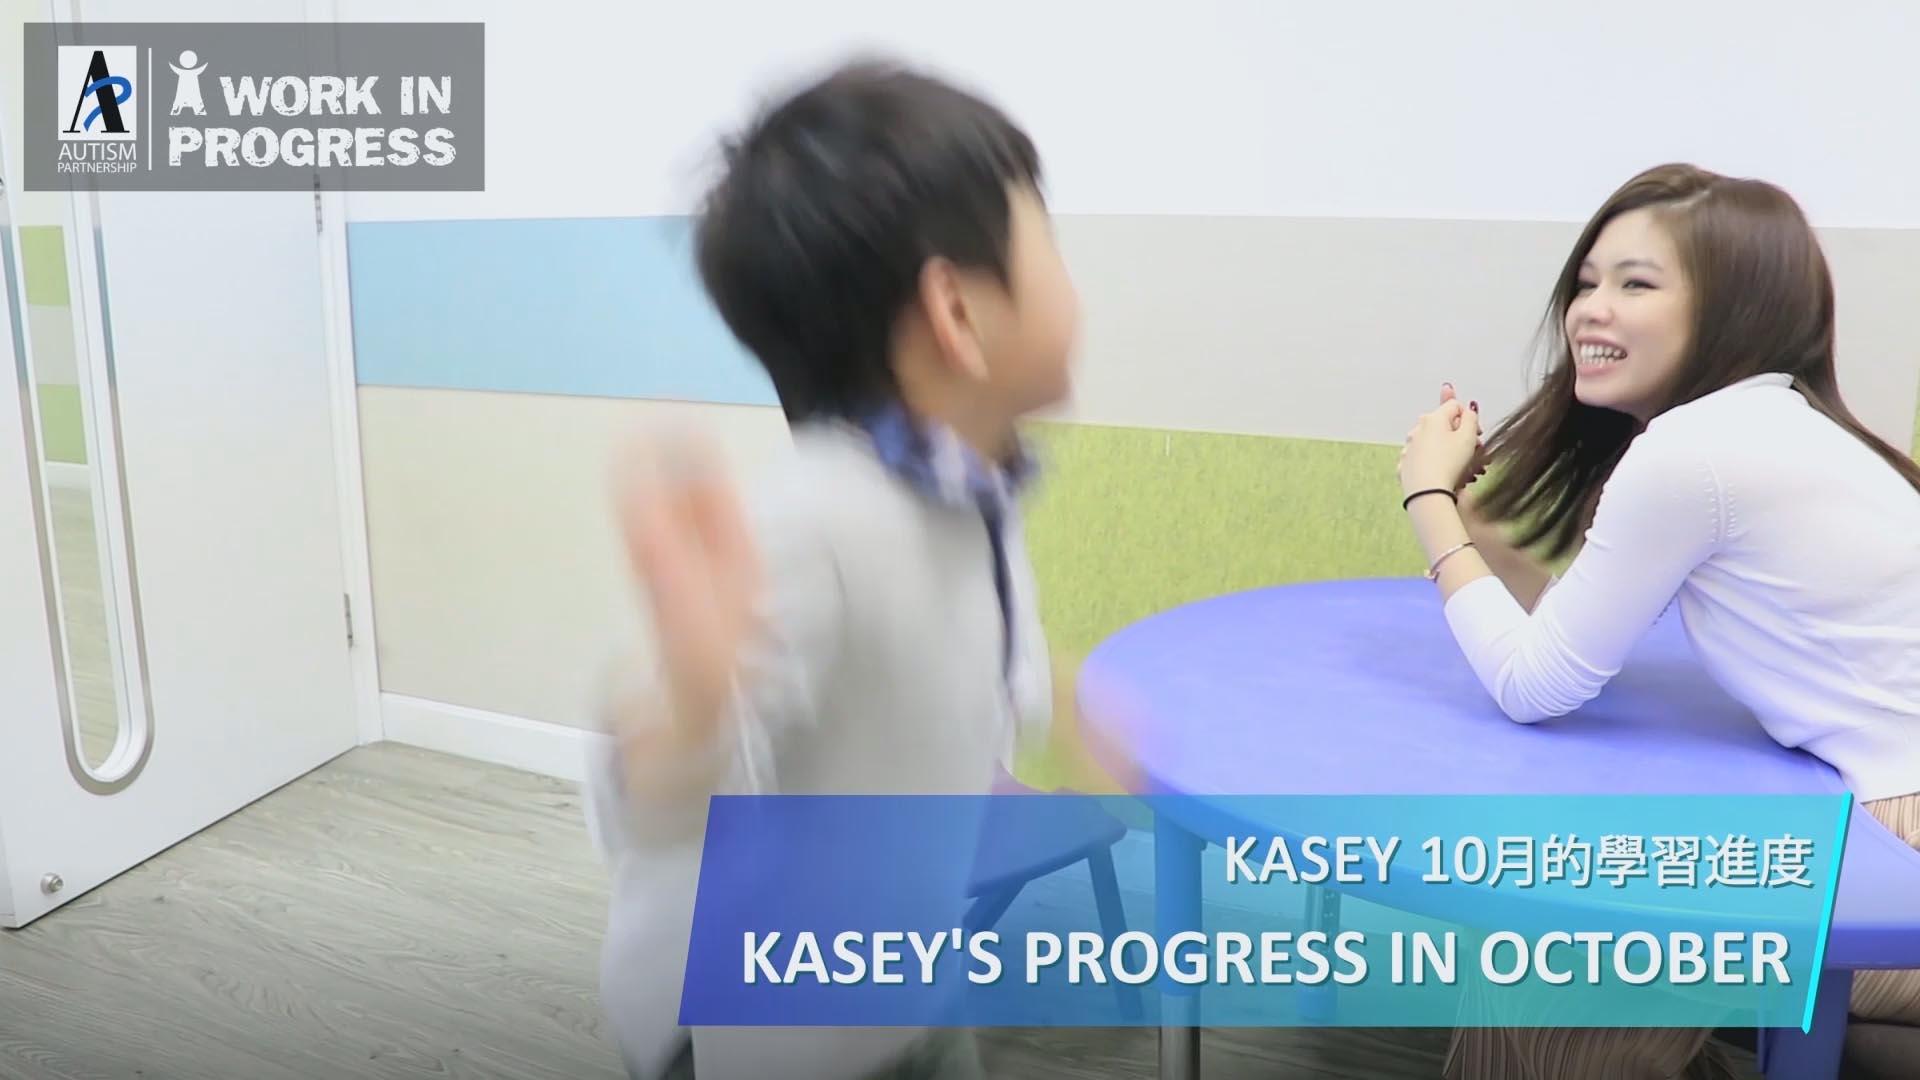 kaseys-progress-in-october-2017-little-learners-aba-group-learning